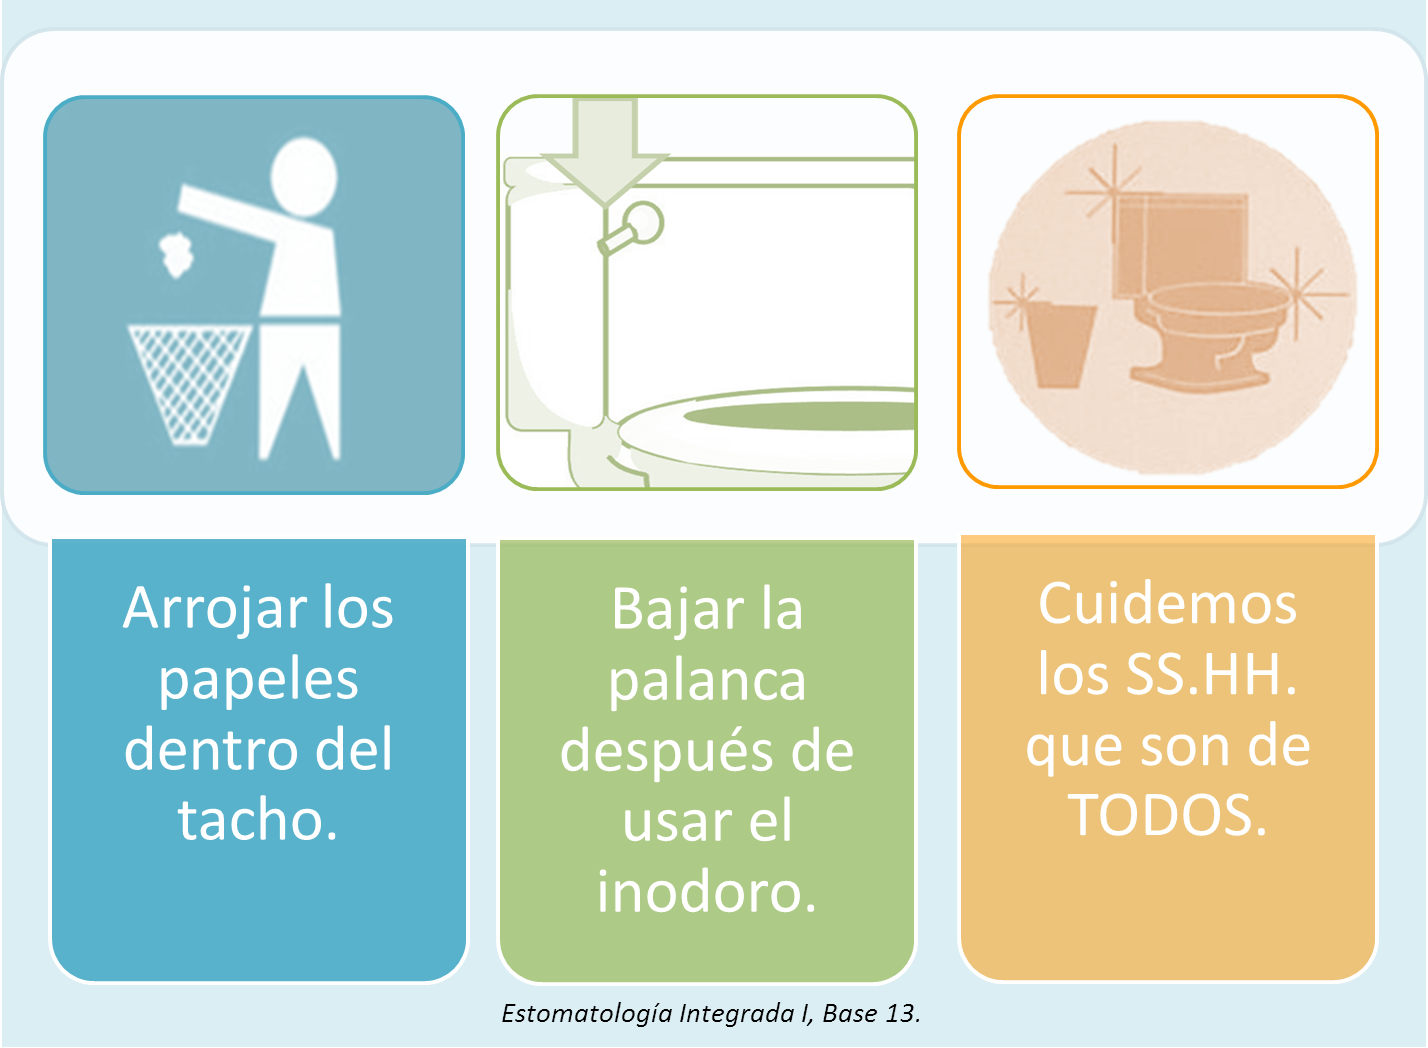 Imagen De Baño Limpio:Publicado por Estomatologia Integrada I UNMSM en 16:18 1 comentario: